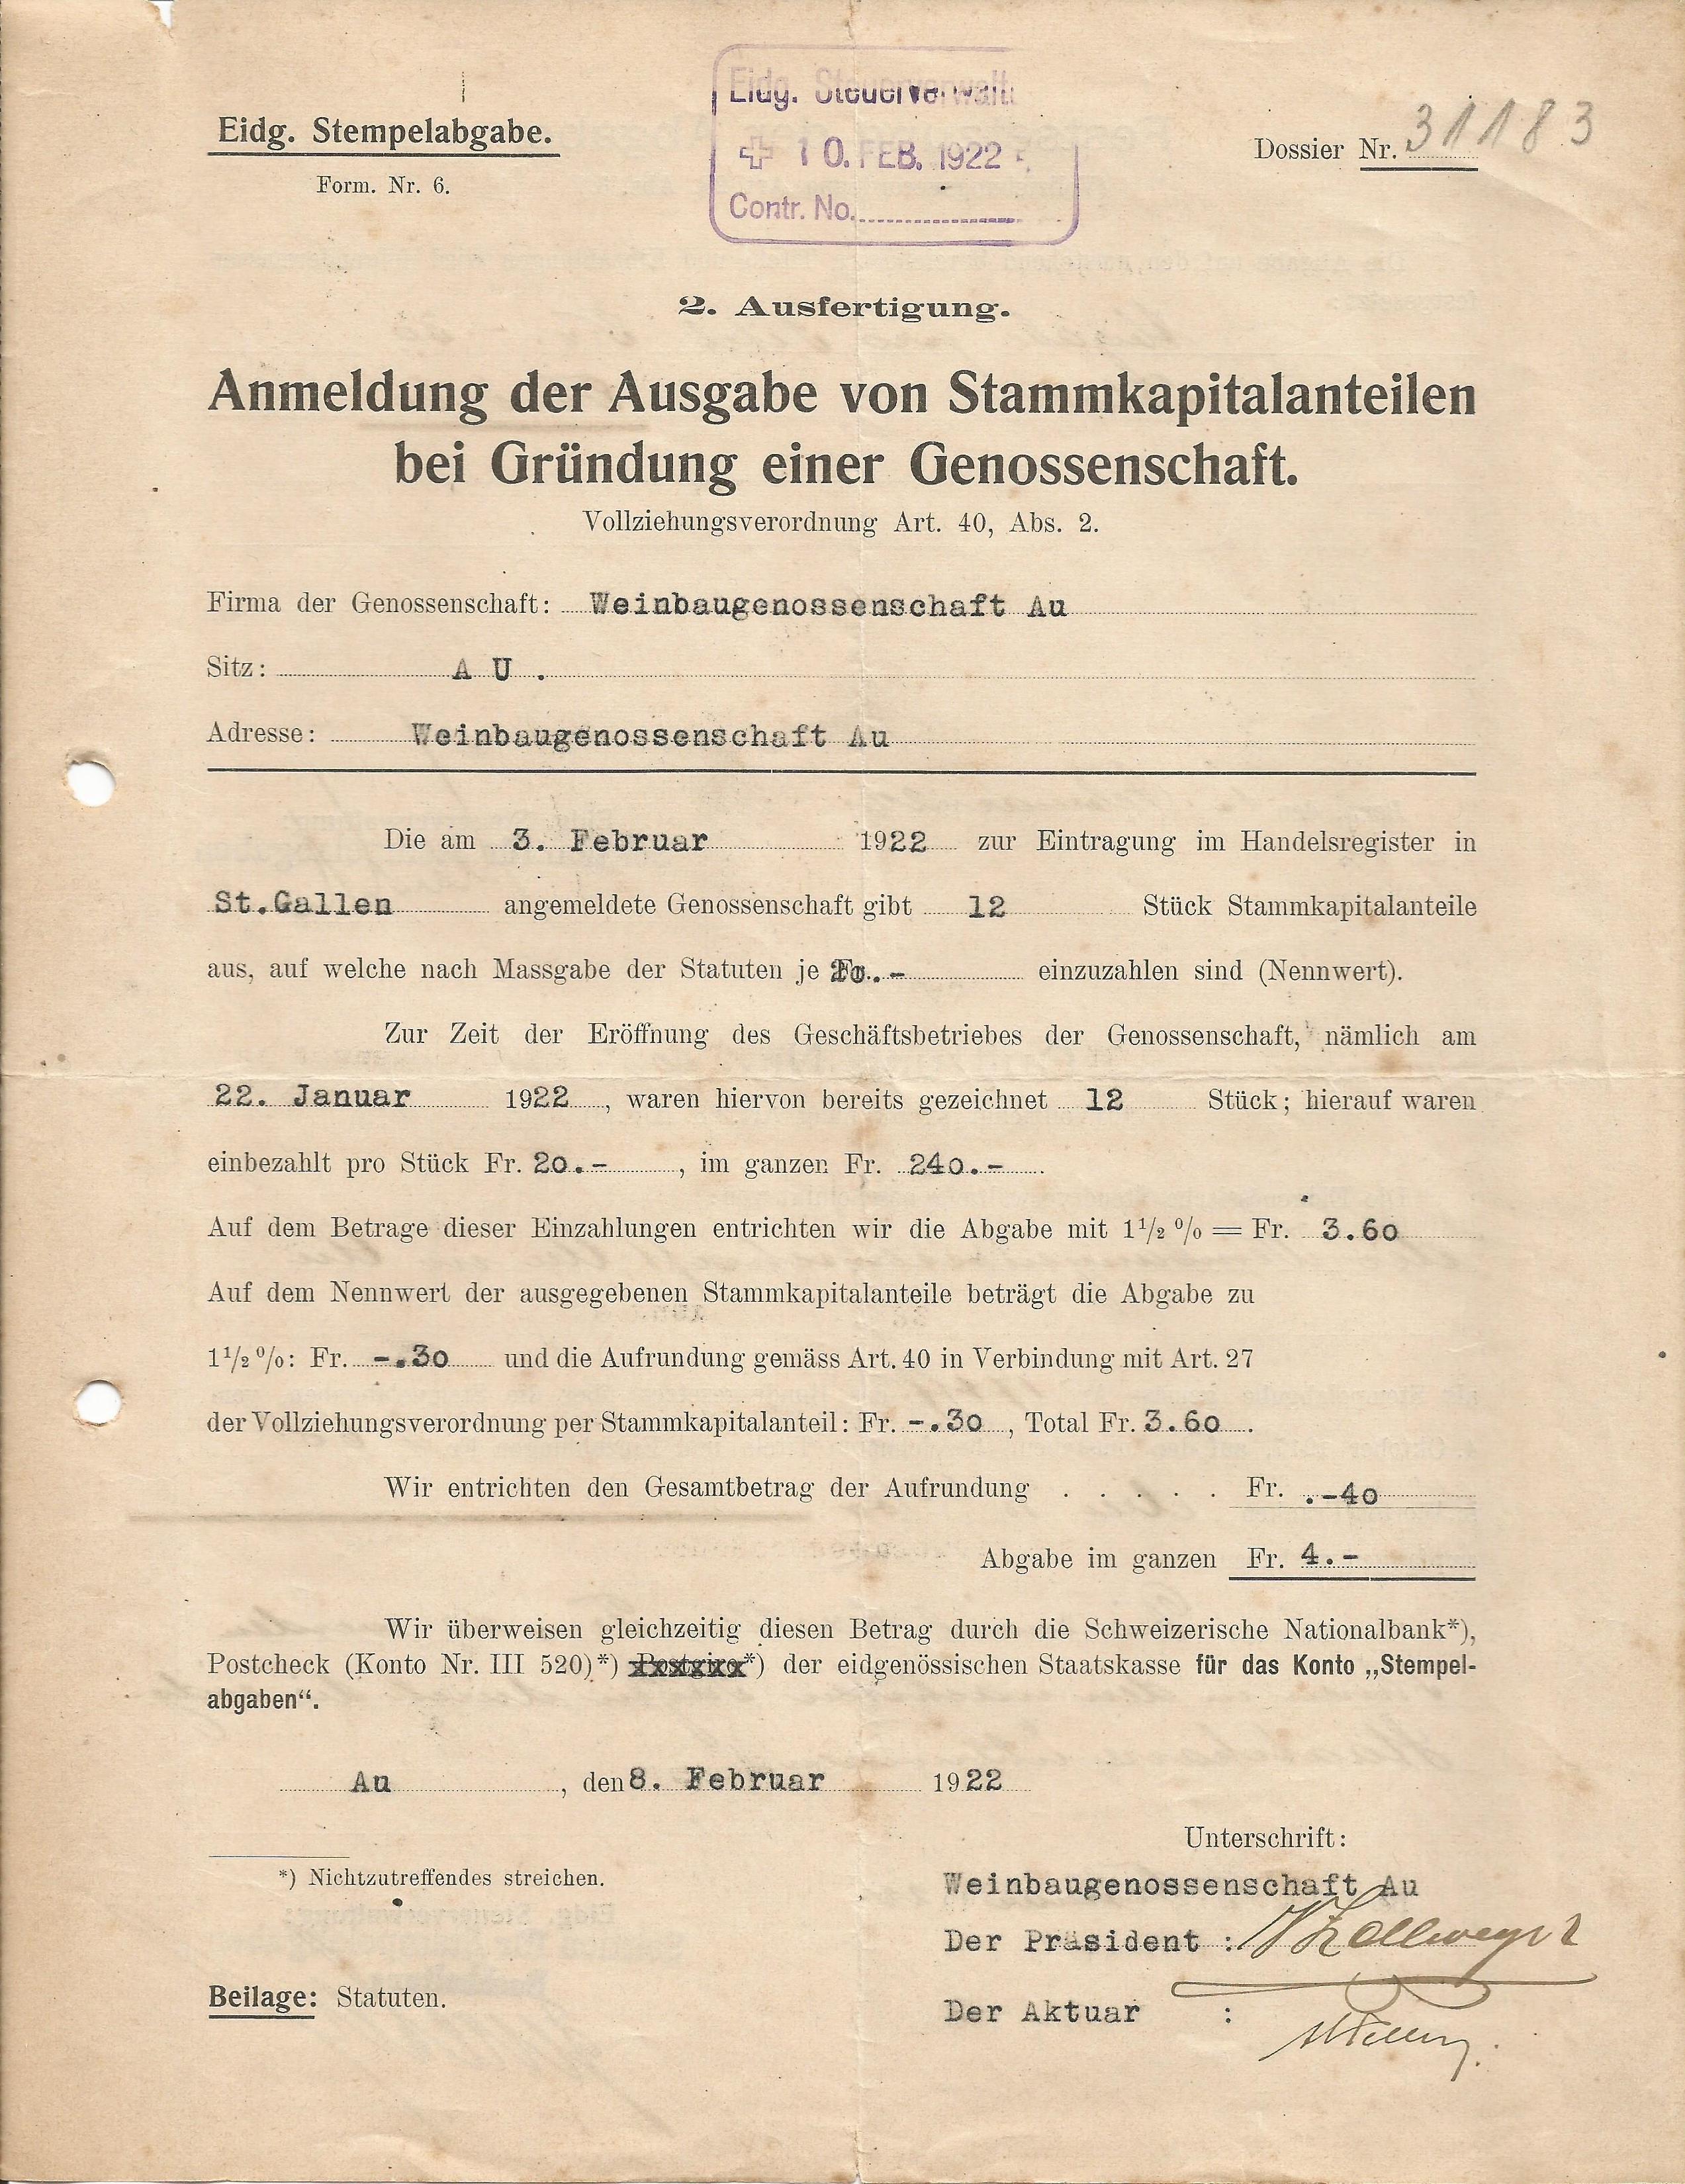 Gründungsdatum der WBG-AU 3. Februar 1922, ersichtlich aus einem Dokument der Eidg. Steuerverwaltung